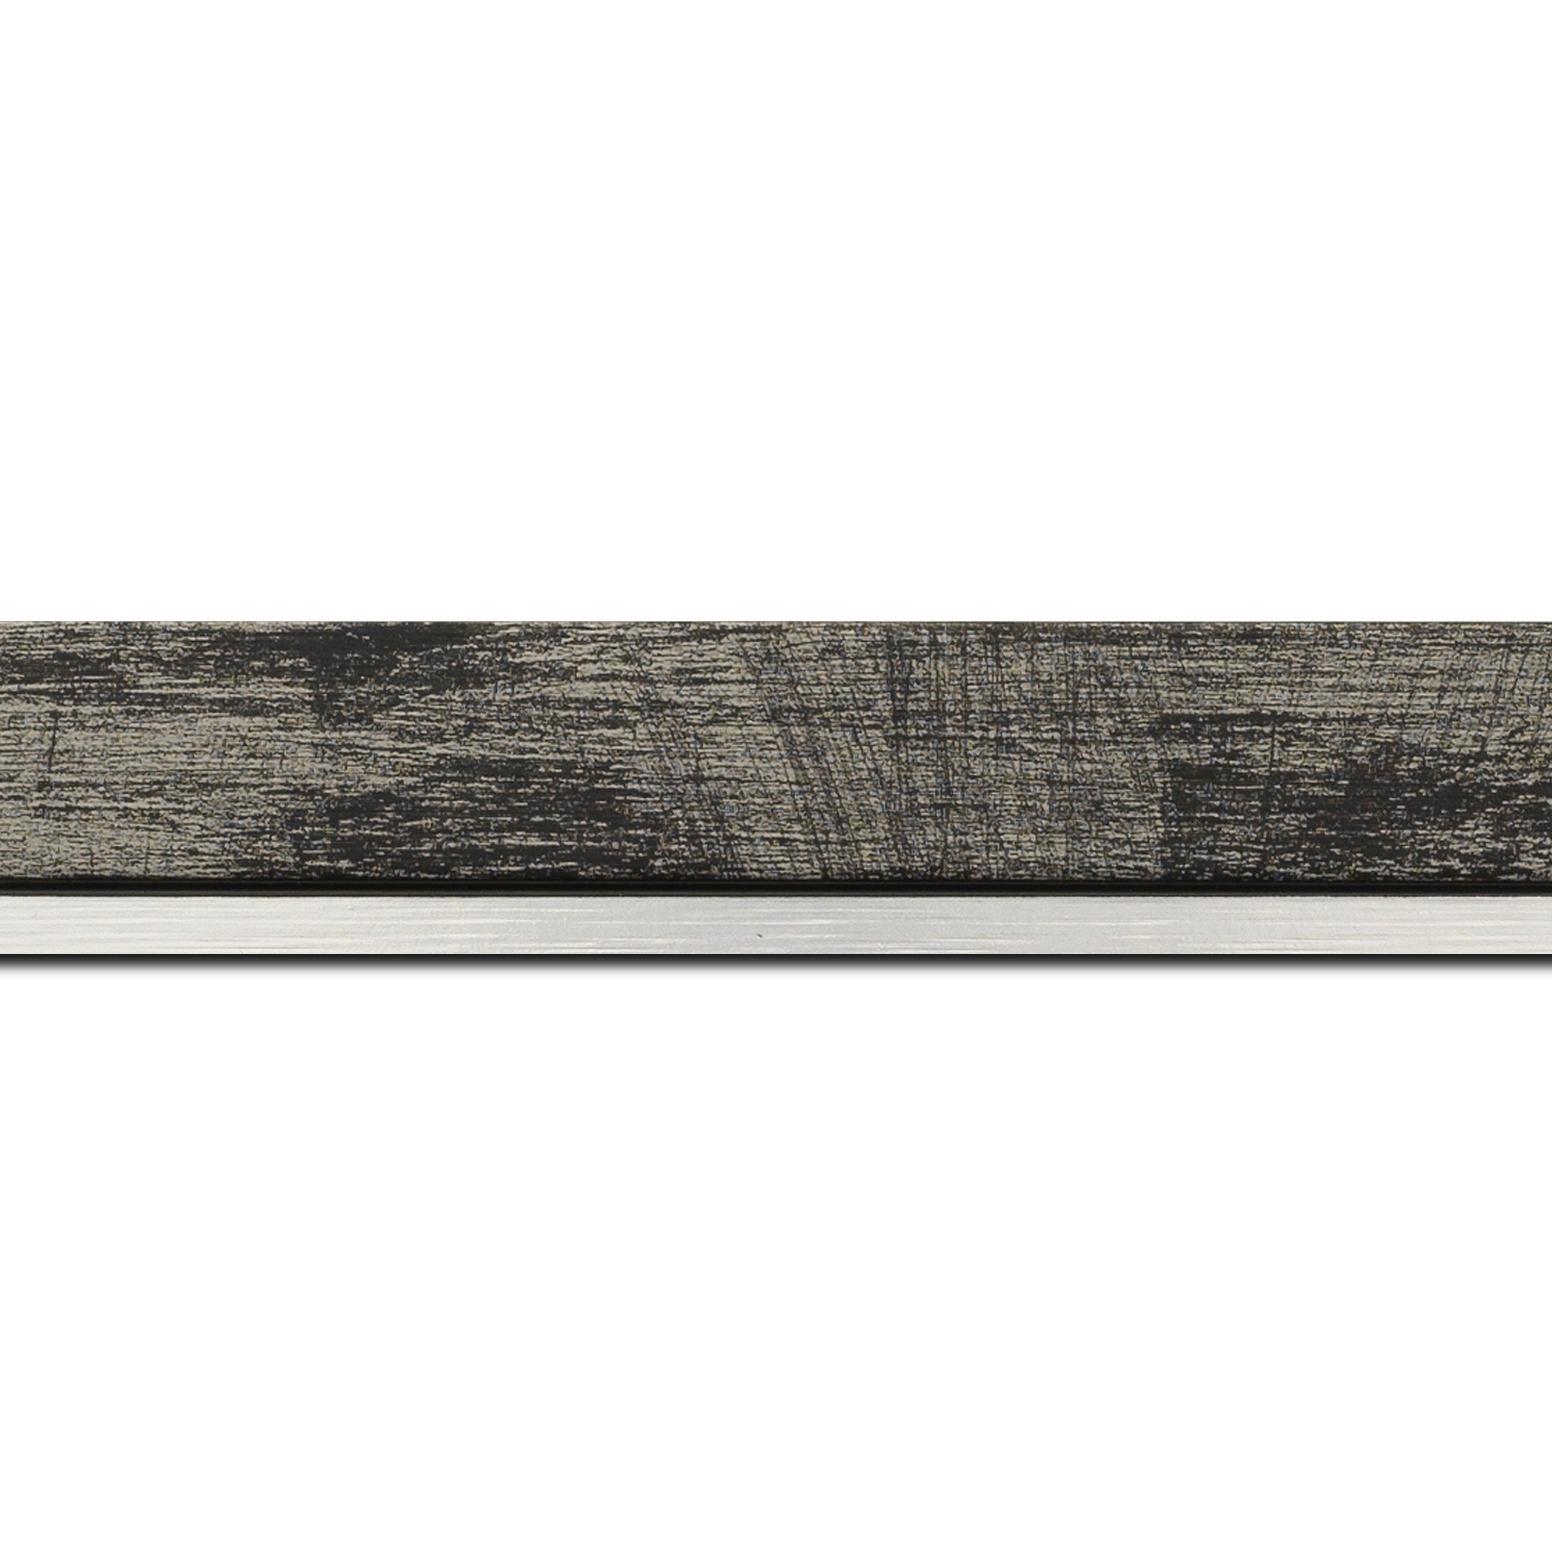 Pack par 12m, bois profil plat largeur 3.3cm couleur noir fond argent filet argent (longueur baguette pouvant varier entre 2.40m et 3m selon arrivage des bois)